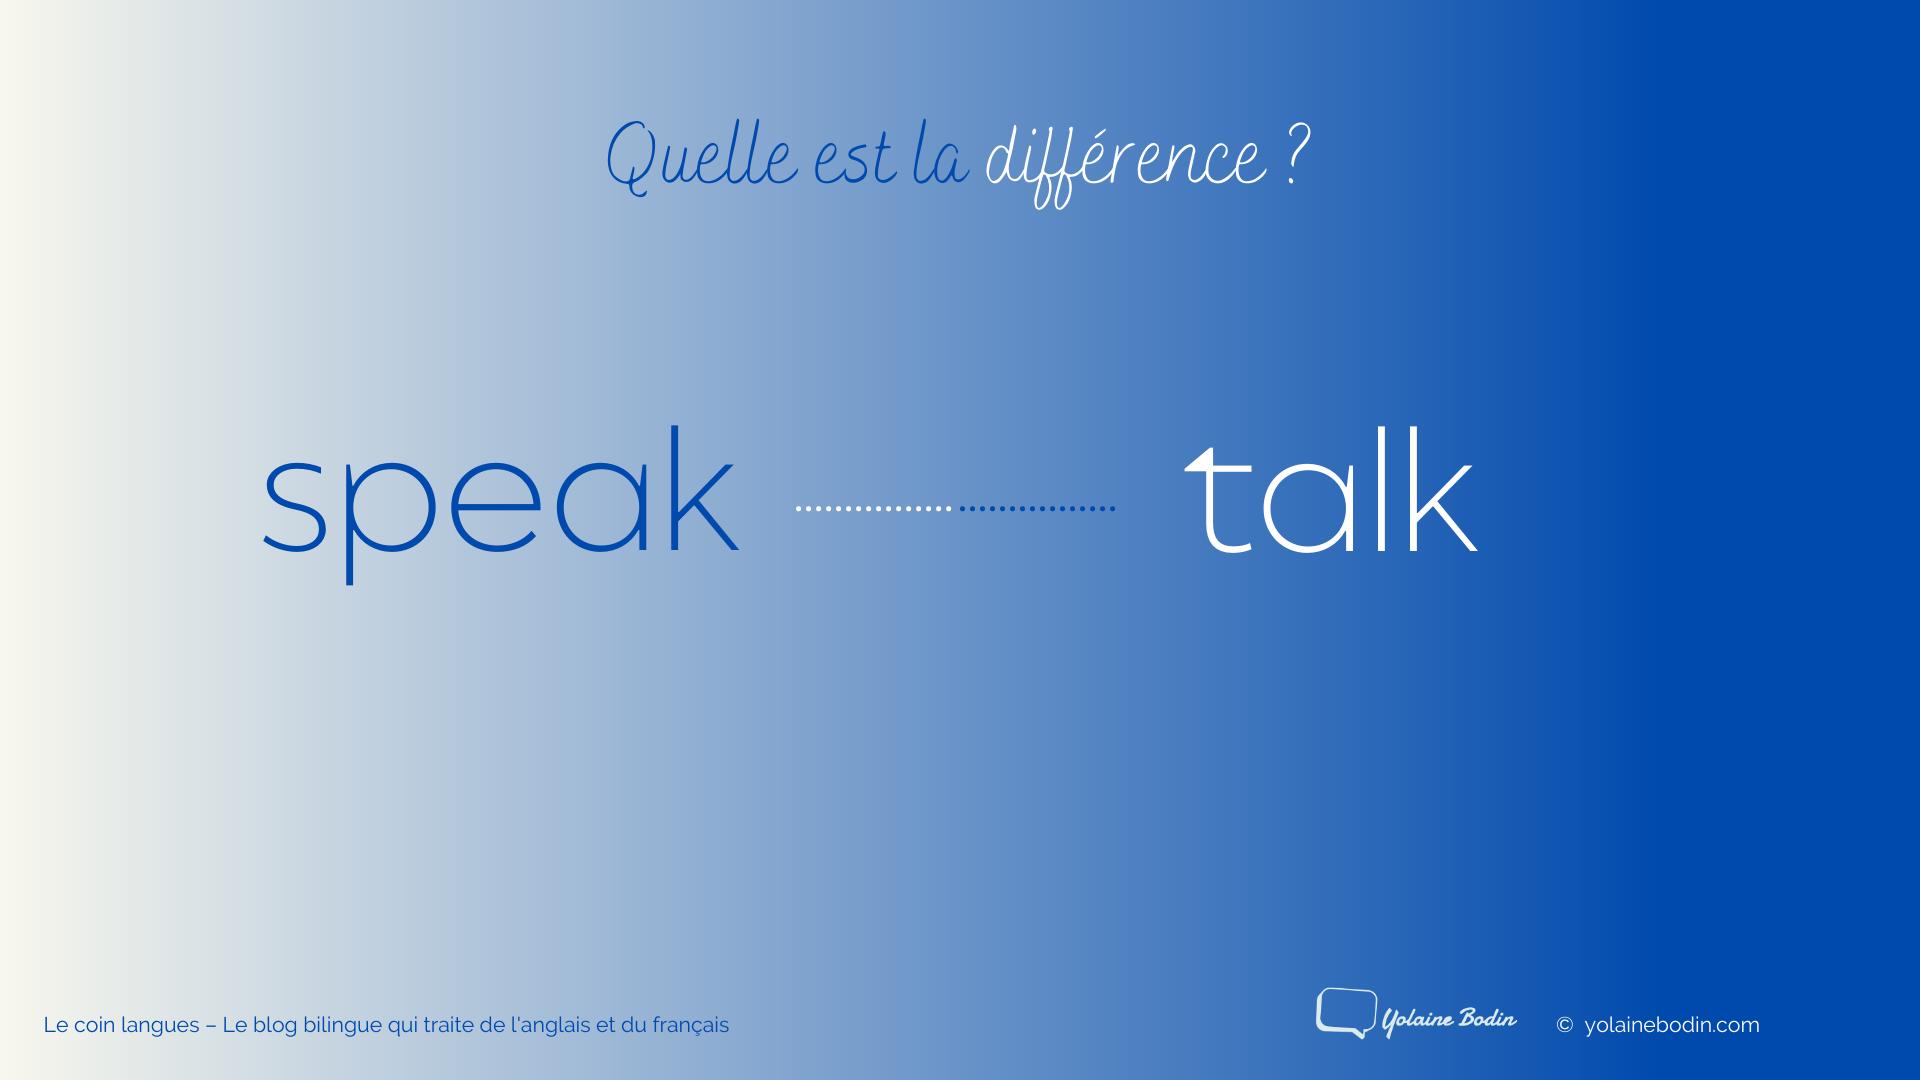 speak et talk - Illustration par Yolaine Bodin